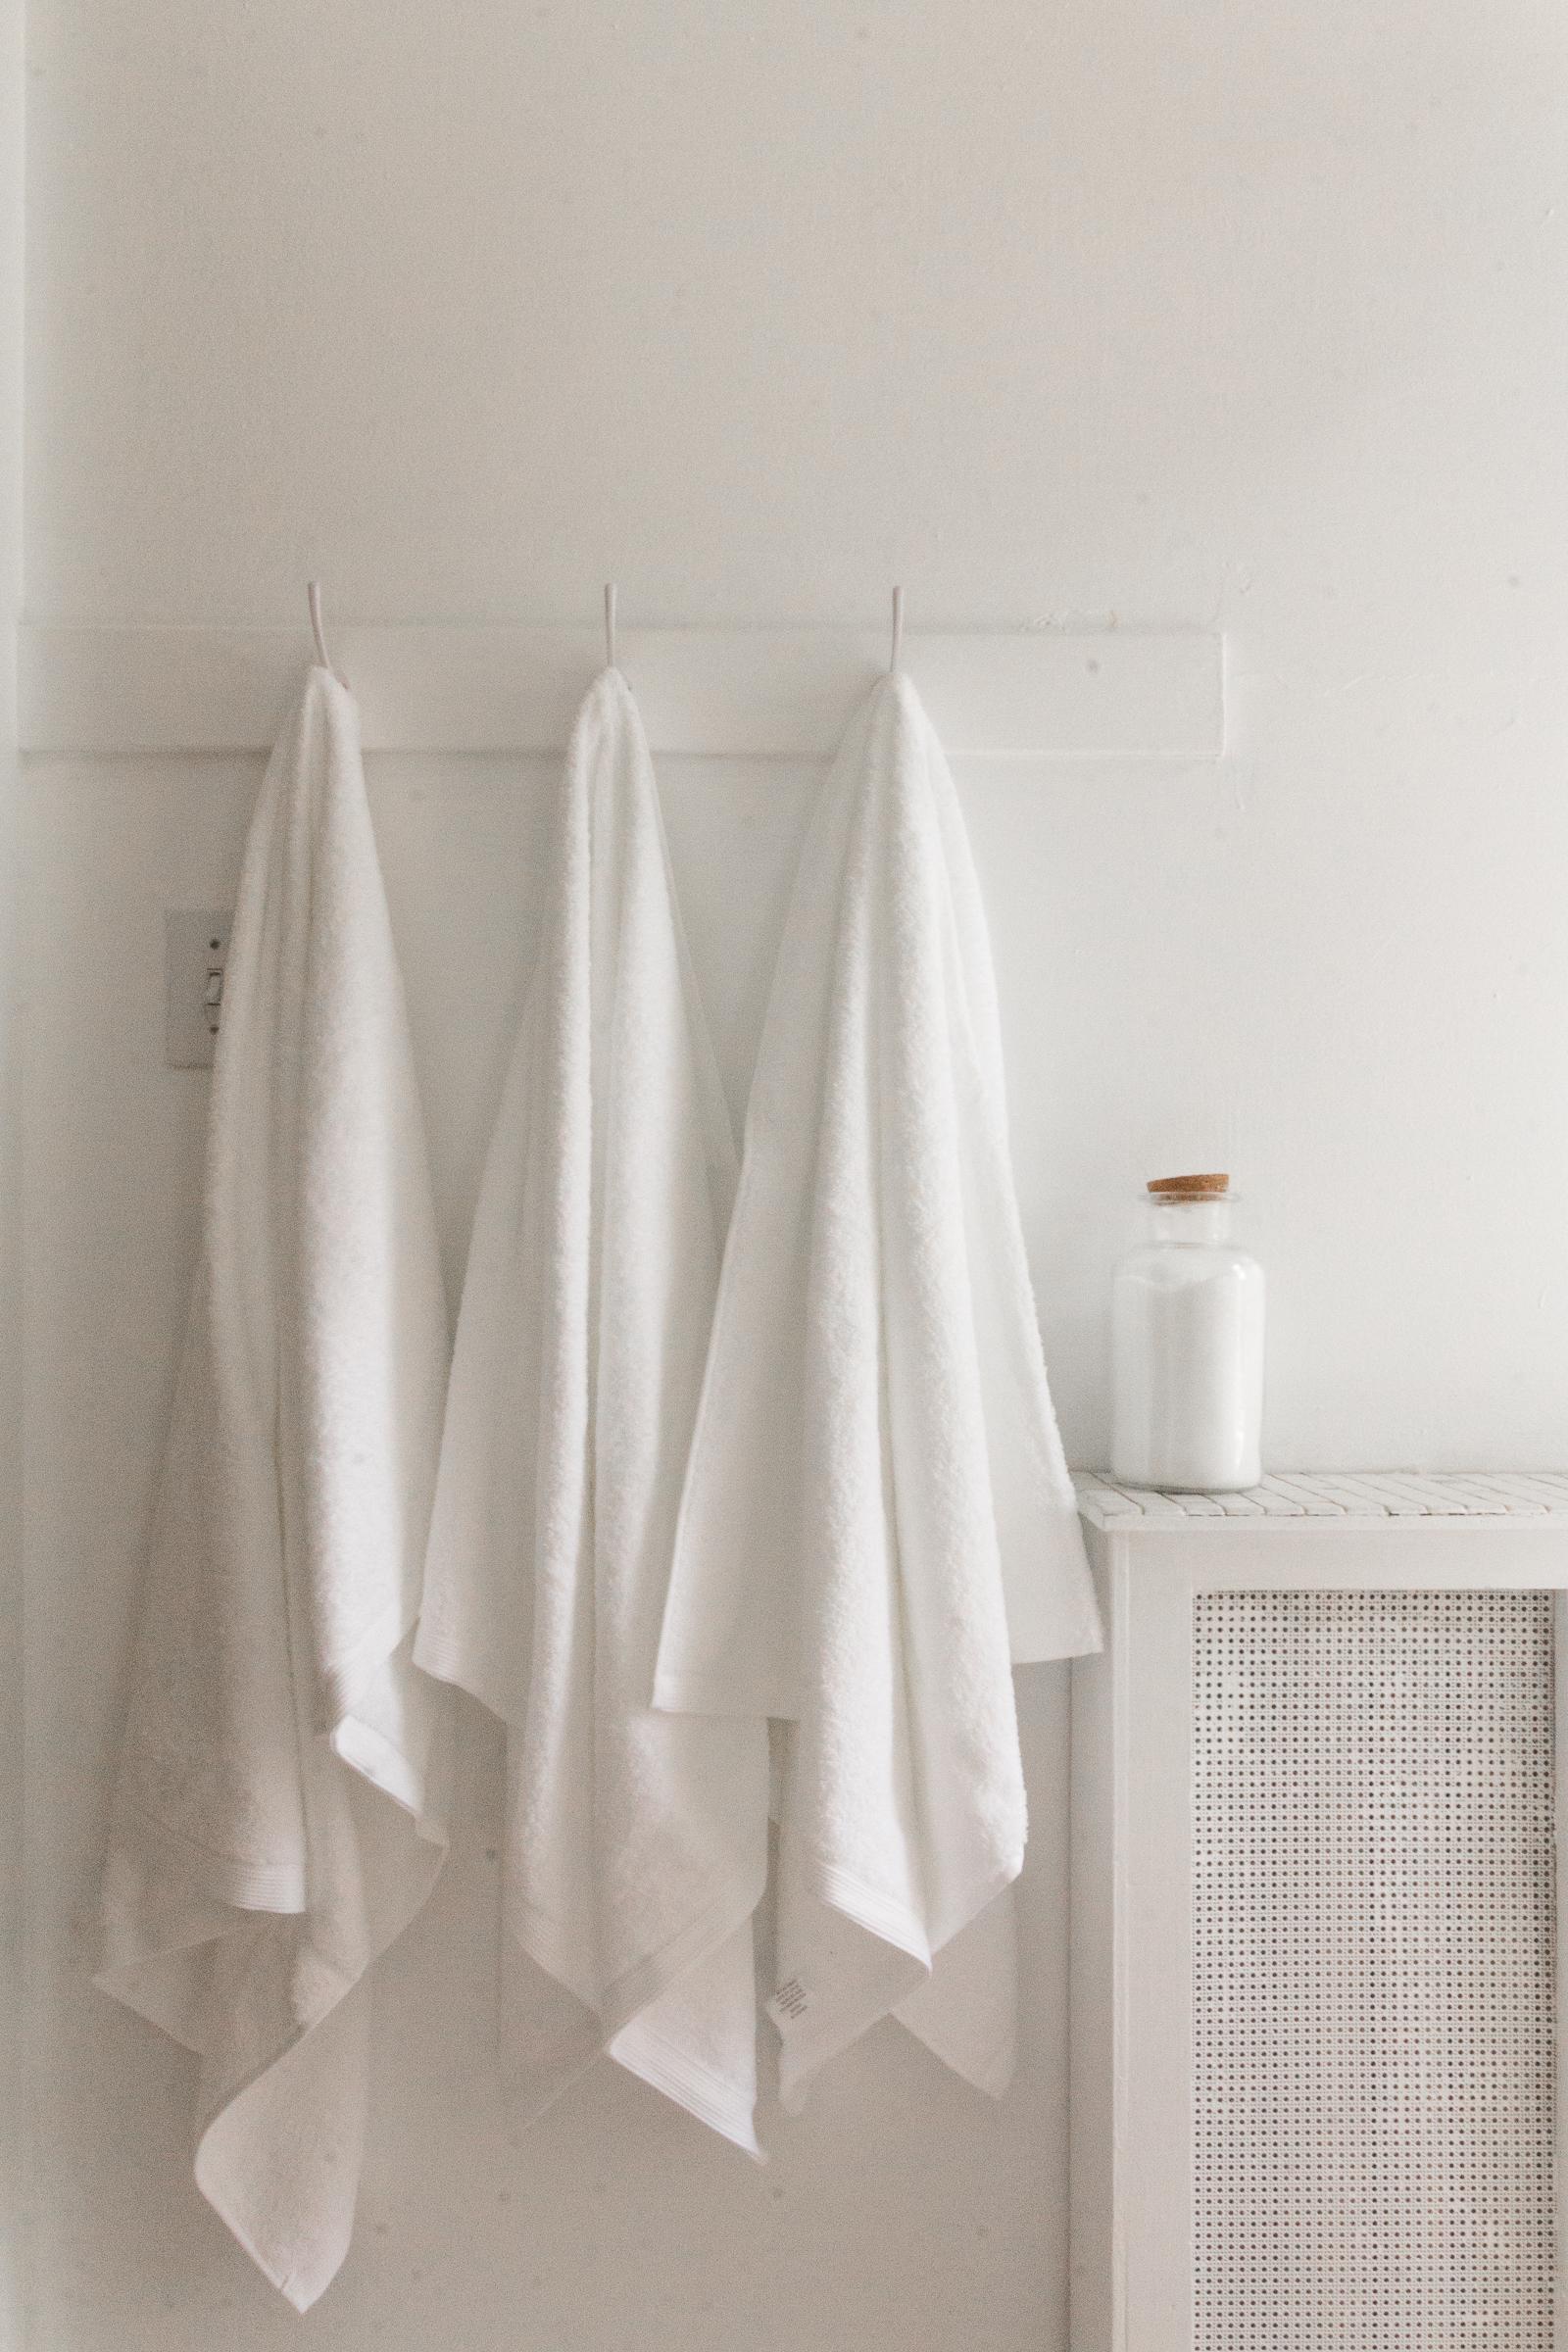 SHOP:  Cstudio Home Organic Towel Set